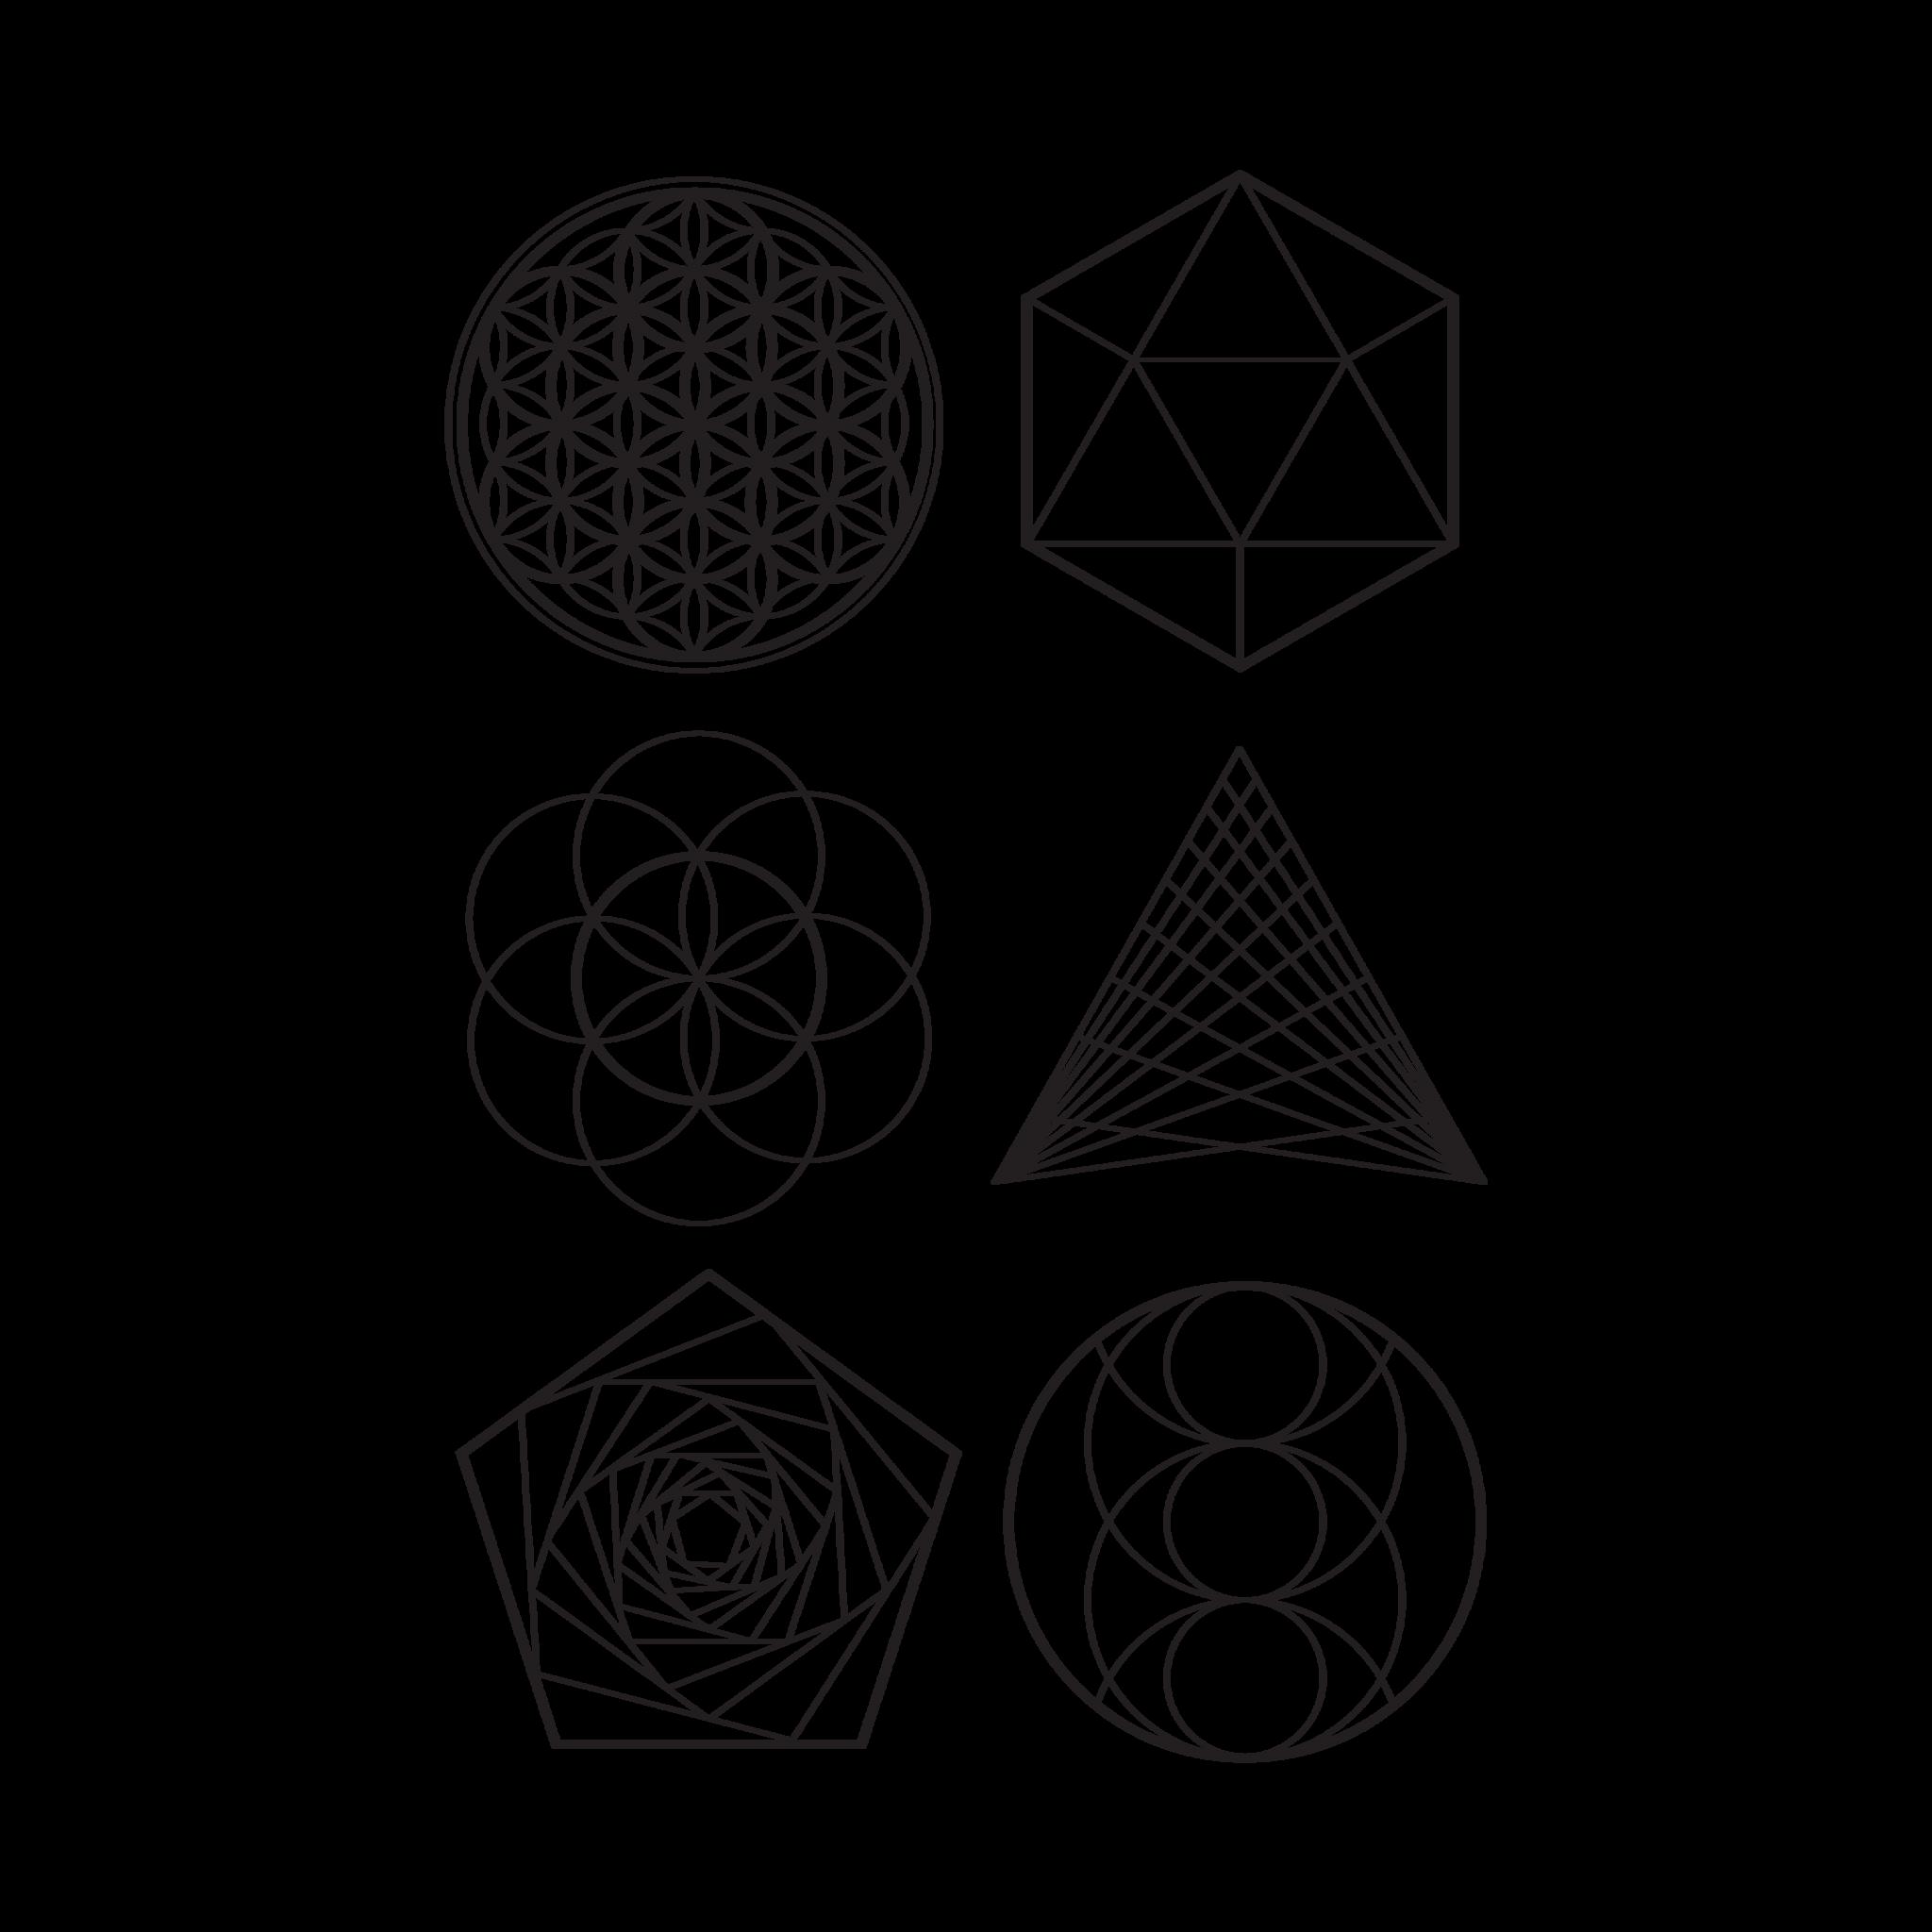 странные геометрические фигуры картинки гистограмма чёрно-белый график